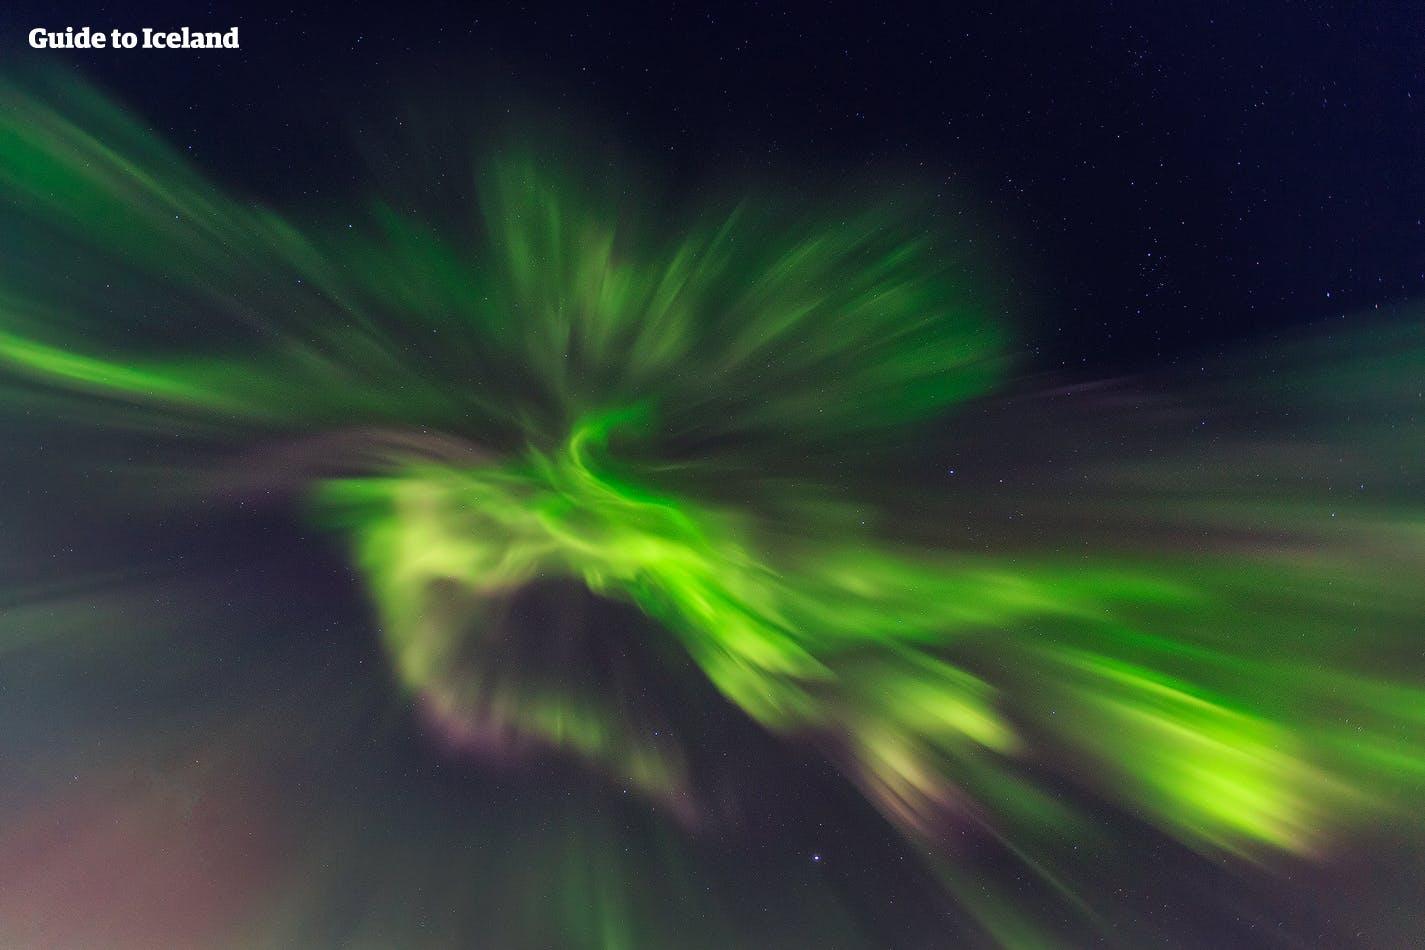 อย่าลืมจ้องมองบนท้องฟ้าขณะเดินทางท่องเที่ยวในไอซ์แลนด์ช่วงฤดูหวาน คุณอาจจะบังเอิญเหลือบเห็นแสงเหนือก็ได้